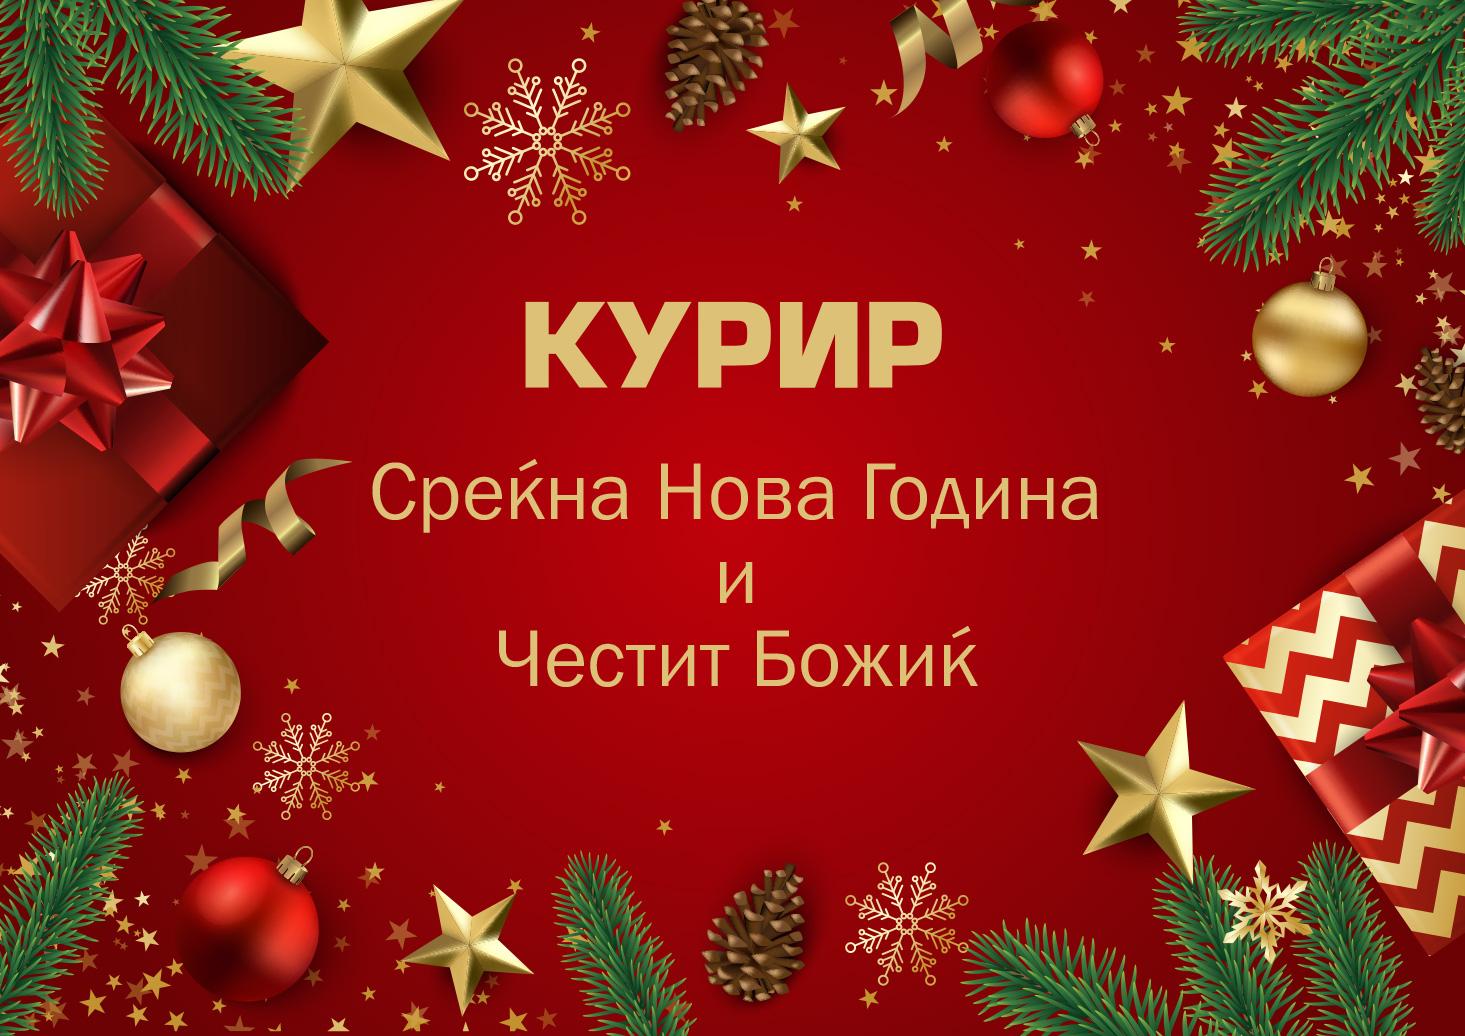 Среќна Нова Година и Честит Божиќ